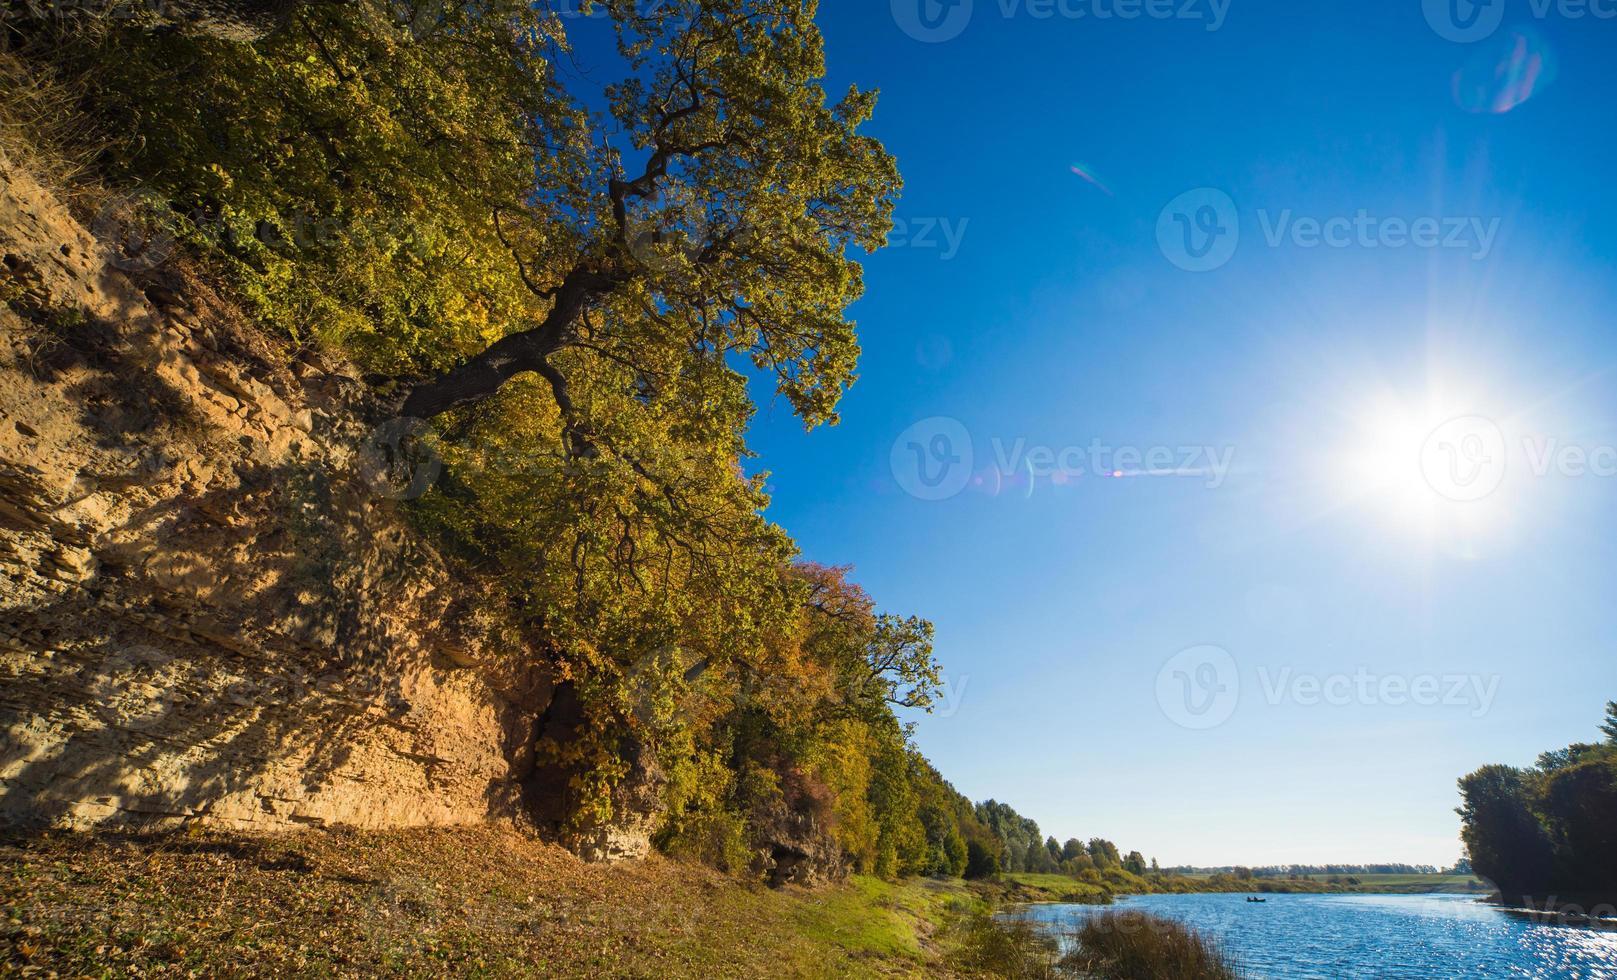 rivière lielupe avec côte rocheuse. buska, Lettonie. photo